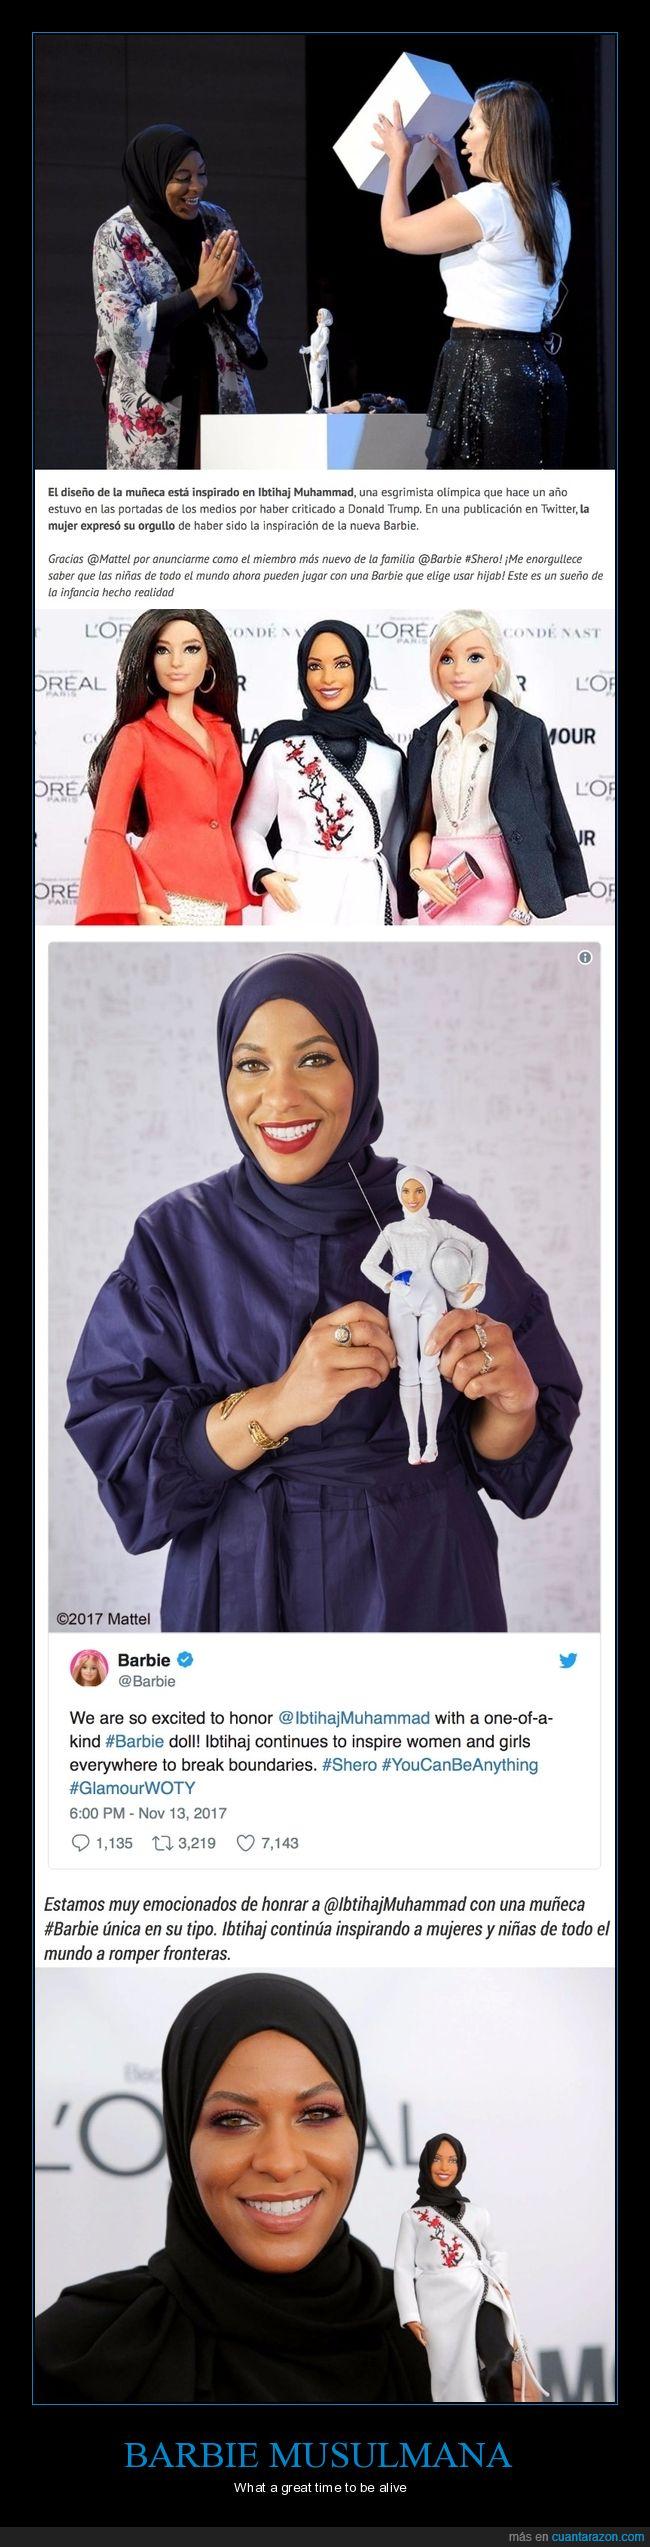 barbie,barbie musulmana,muñeca